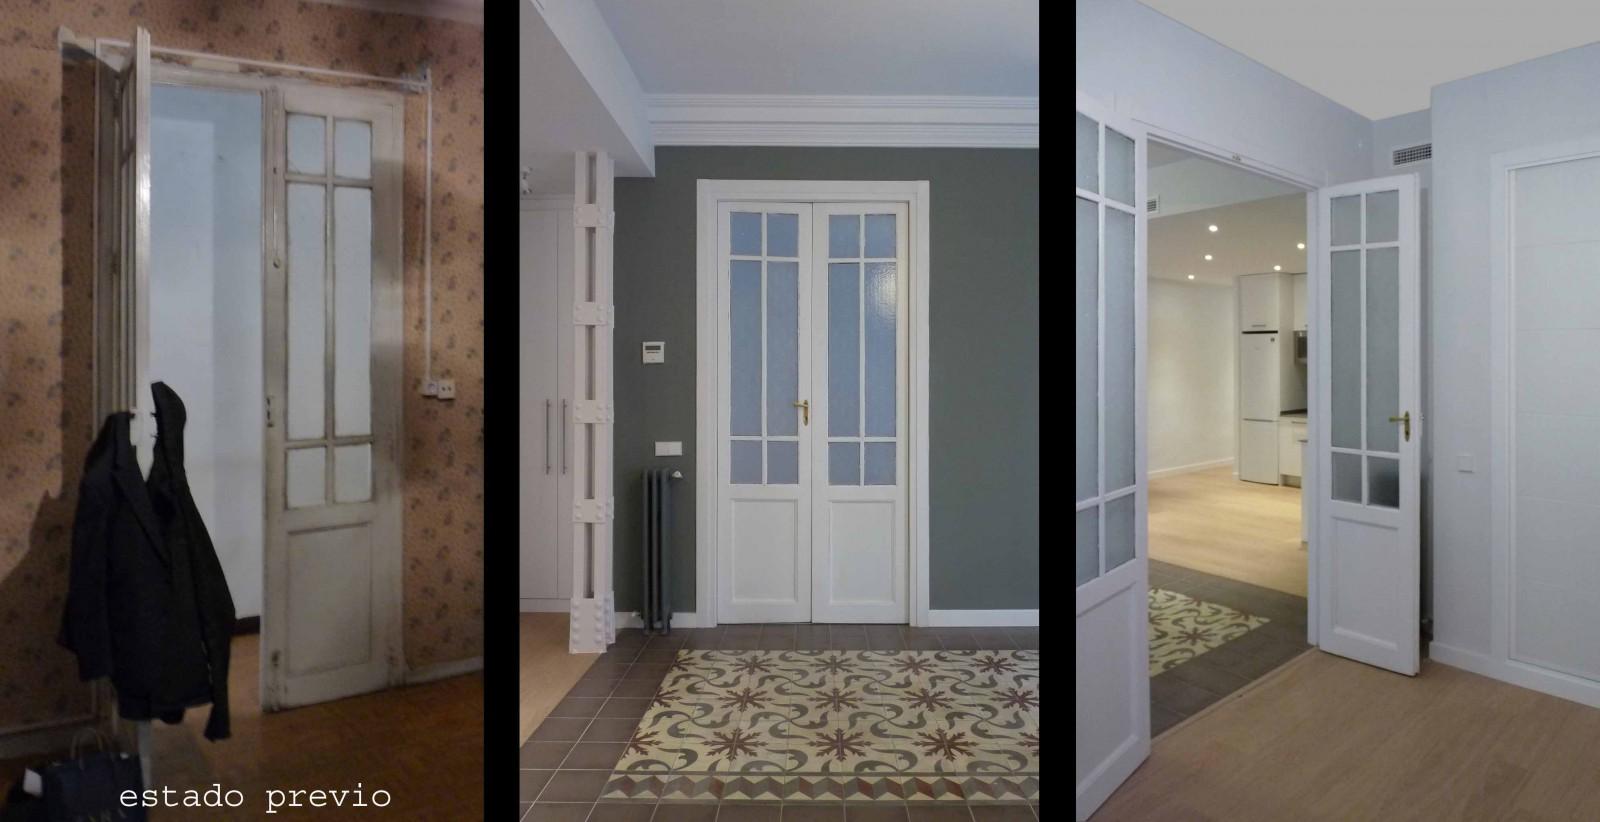 Puerta recuperada. Al ser doble la habitación que da al salón puede ser un estudio además de un dormitorio.